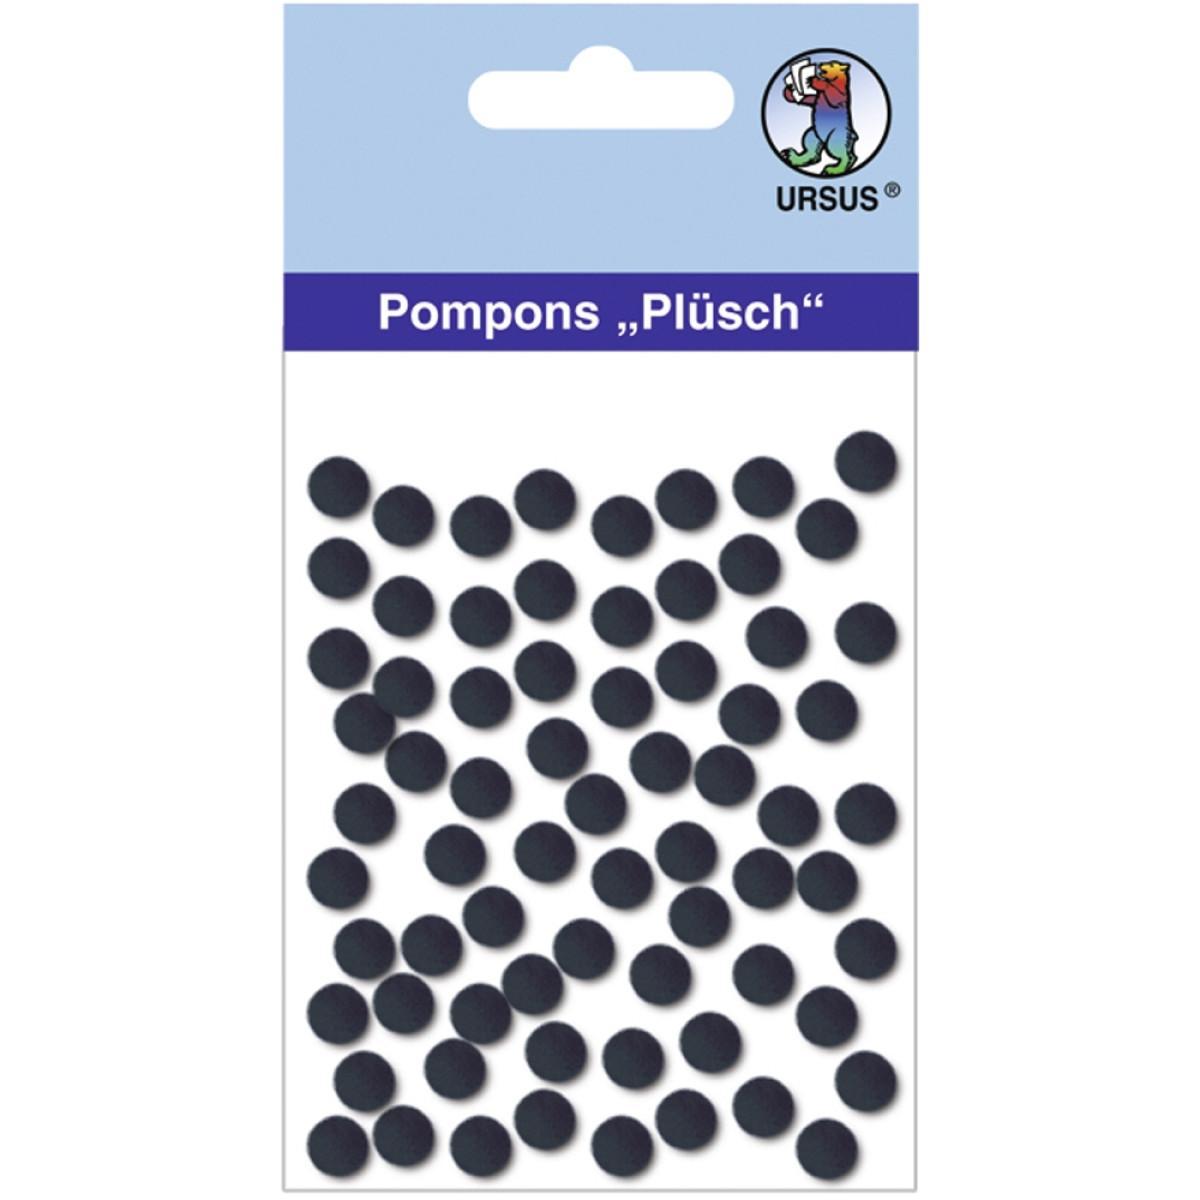 """Pompons """"Plüsch"""" 7 mm schwarz"""